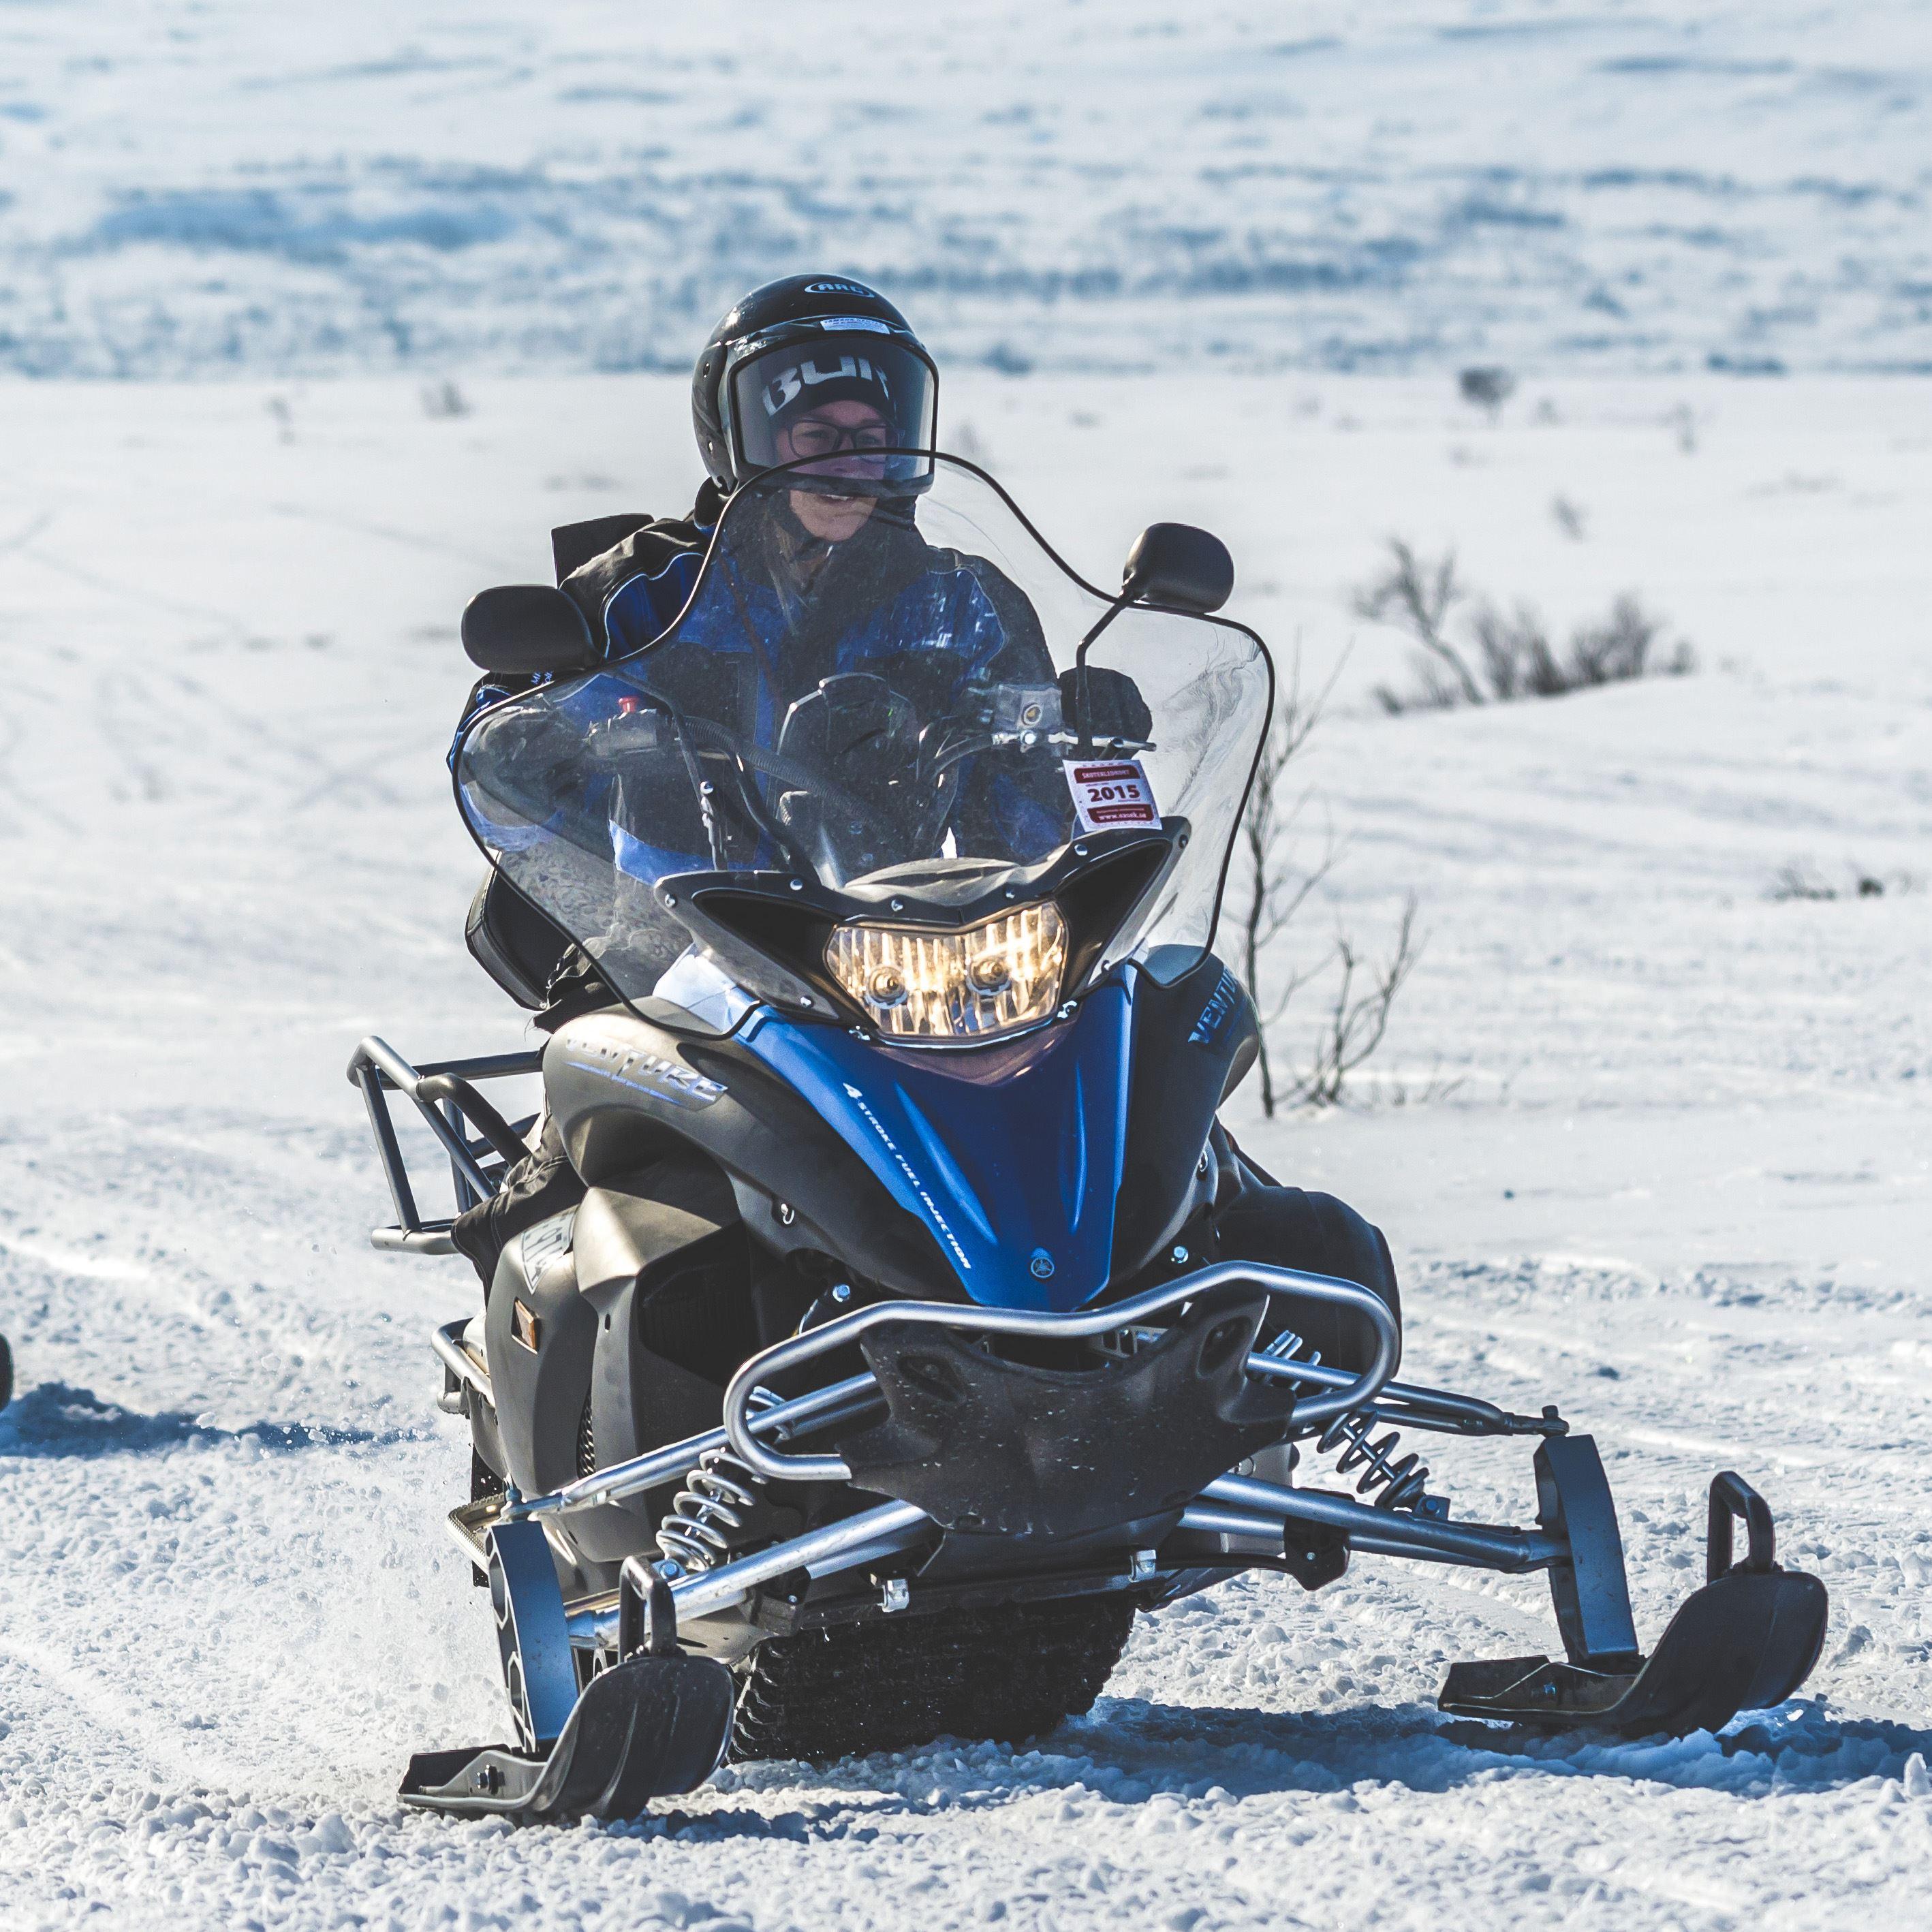 Hyr en snöskoter i Storlien